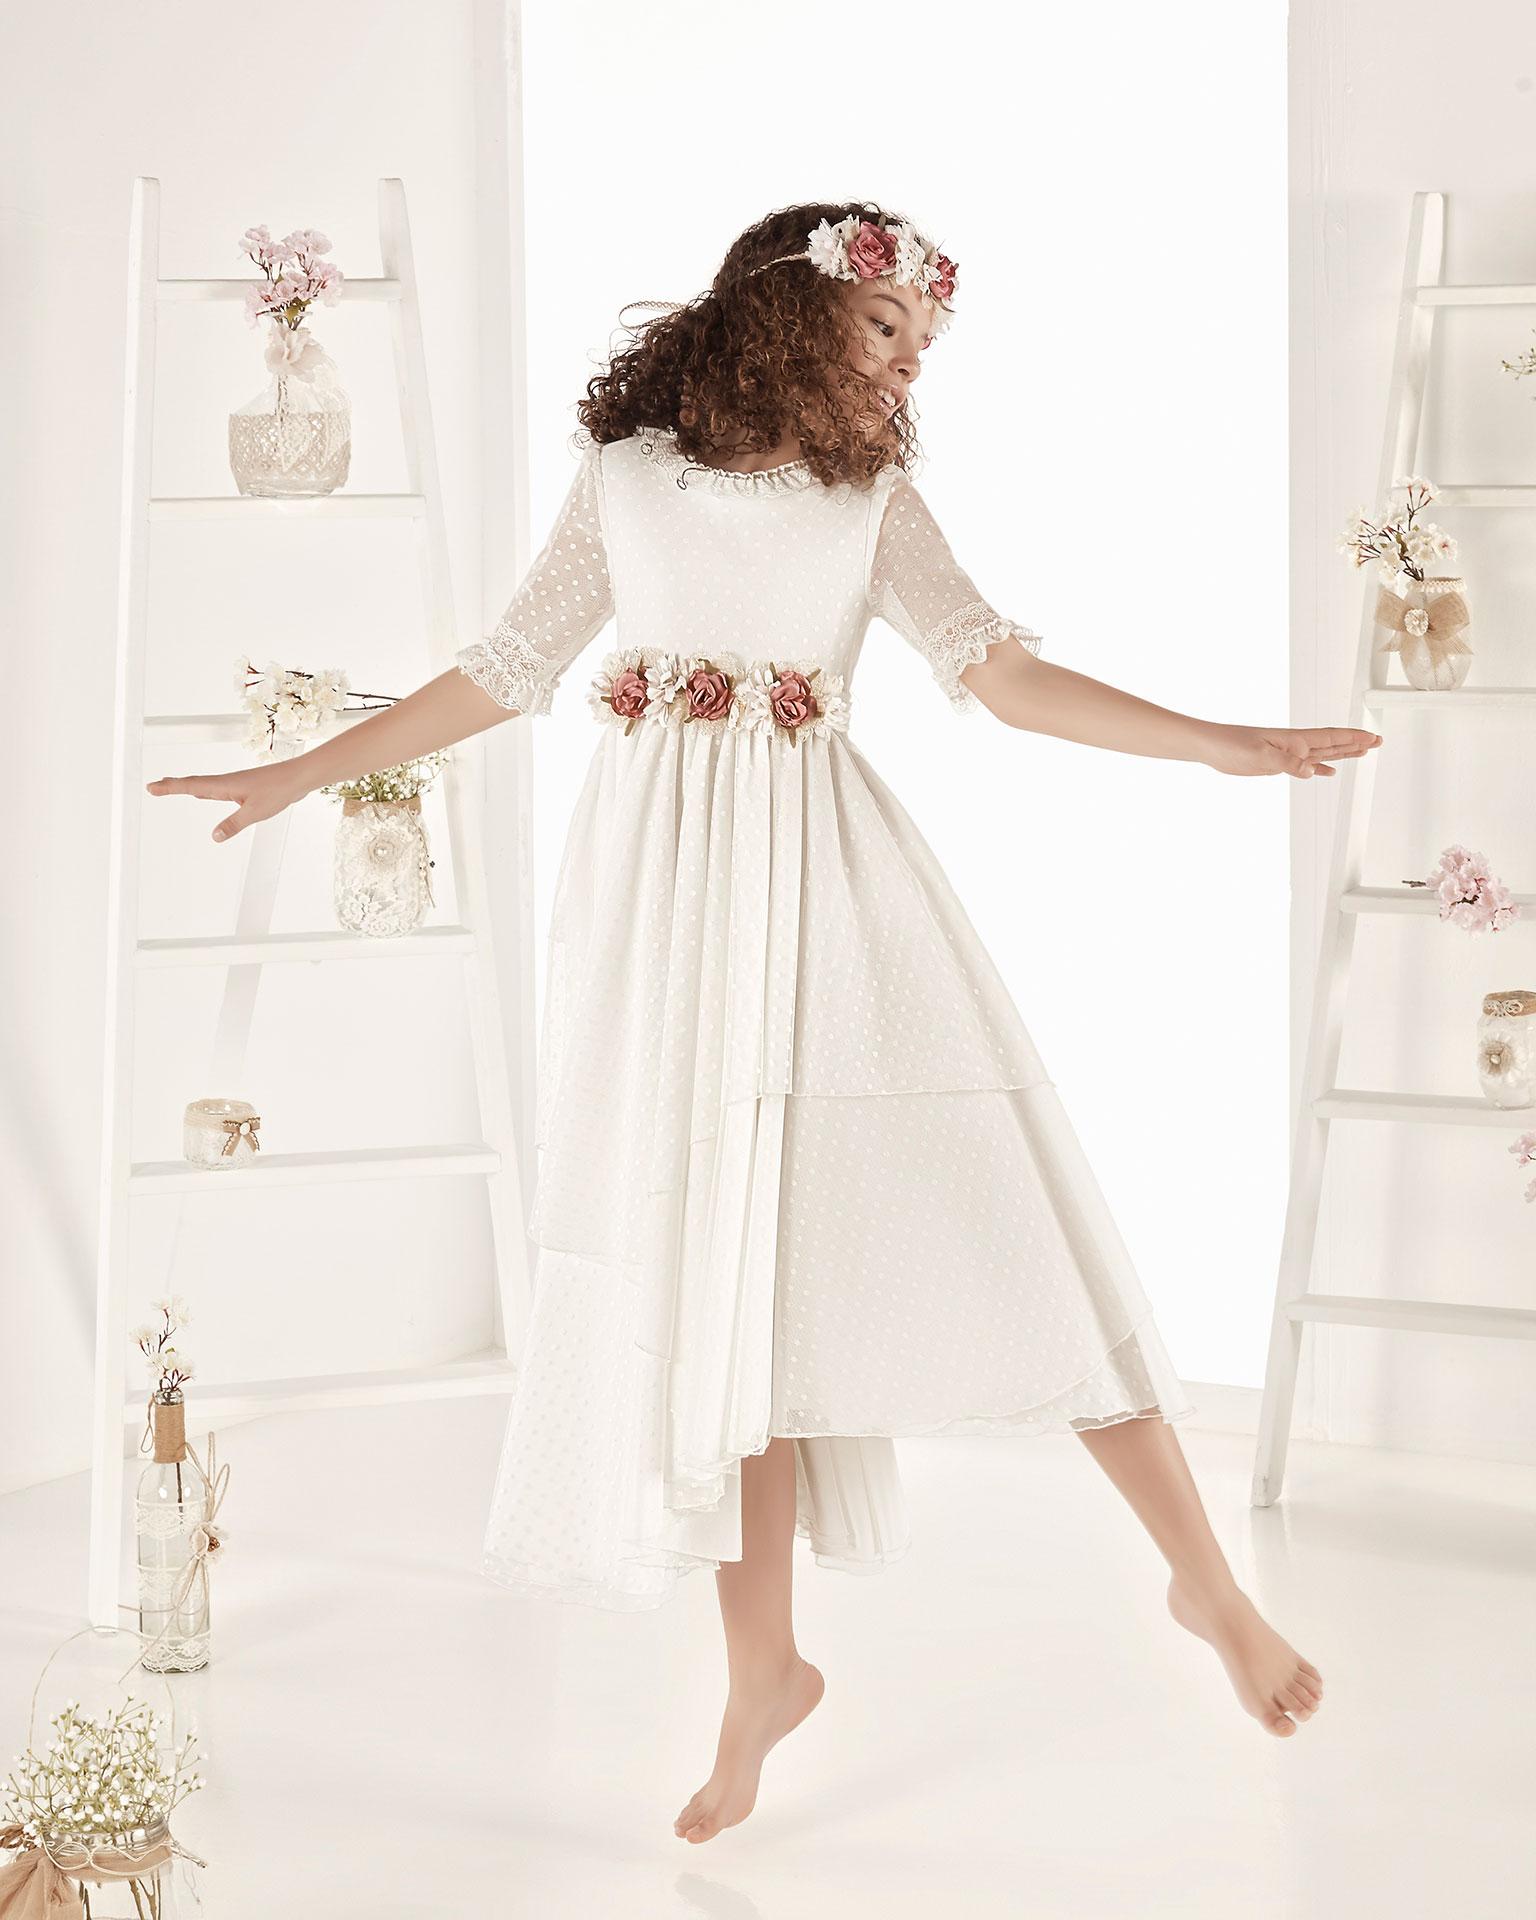 .2019 مجموعة فساتين AIRE COMUNION فستان للمناولة الأولى ذو تصميم للأميرات من التل المنقّط ذي التصميم الغجري. مع خصر عالي. باللون الطبيعي.